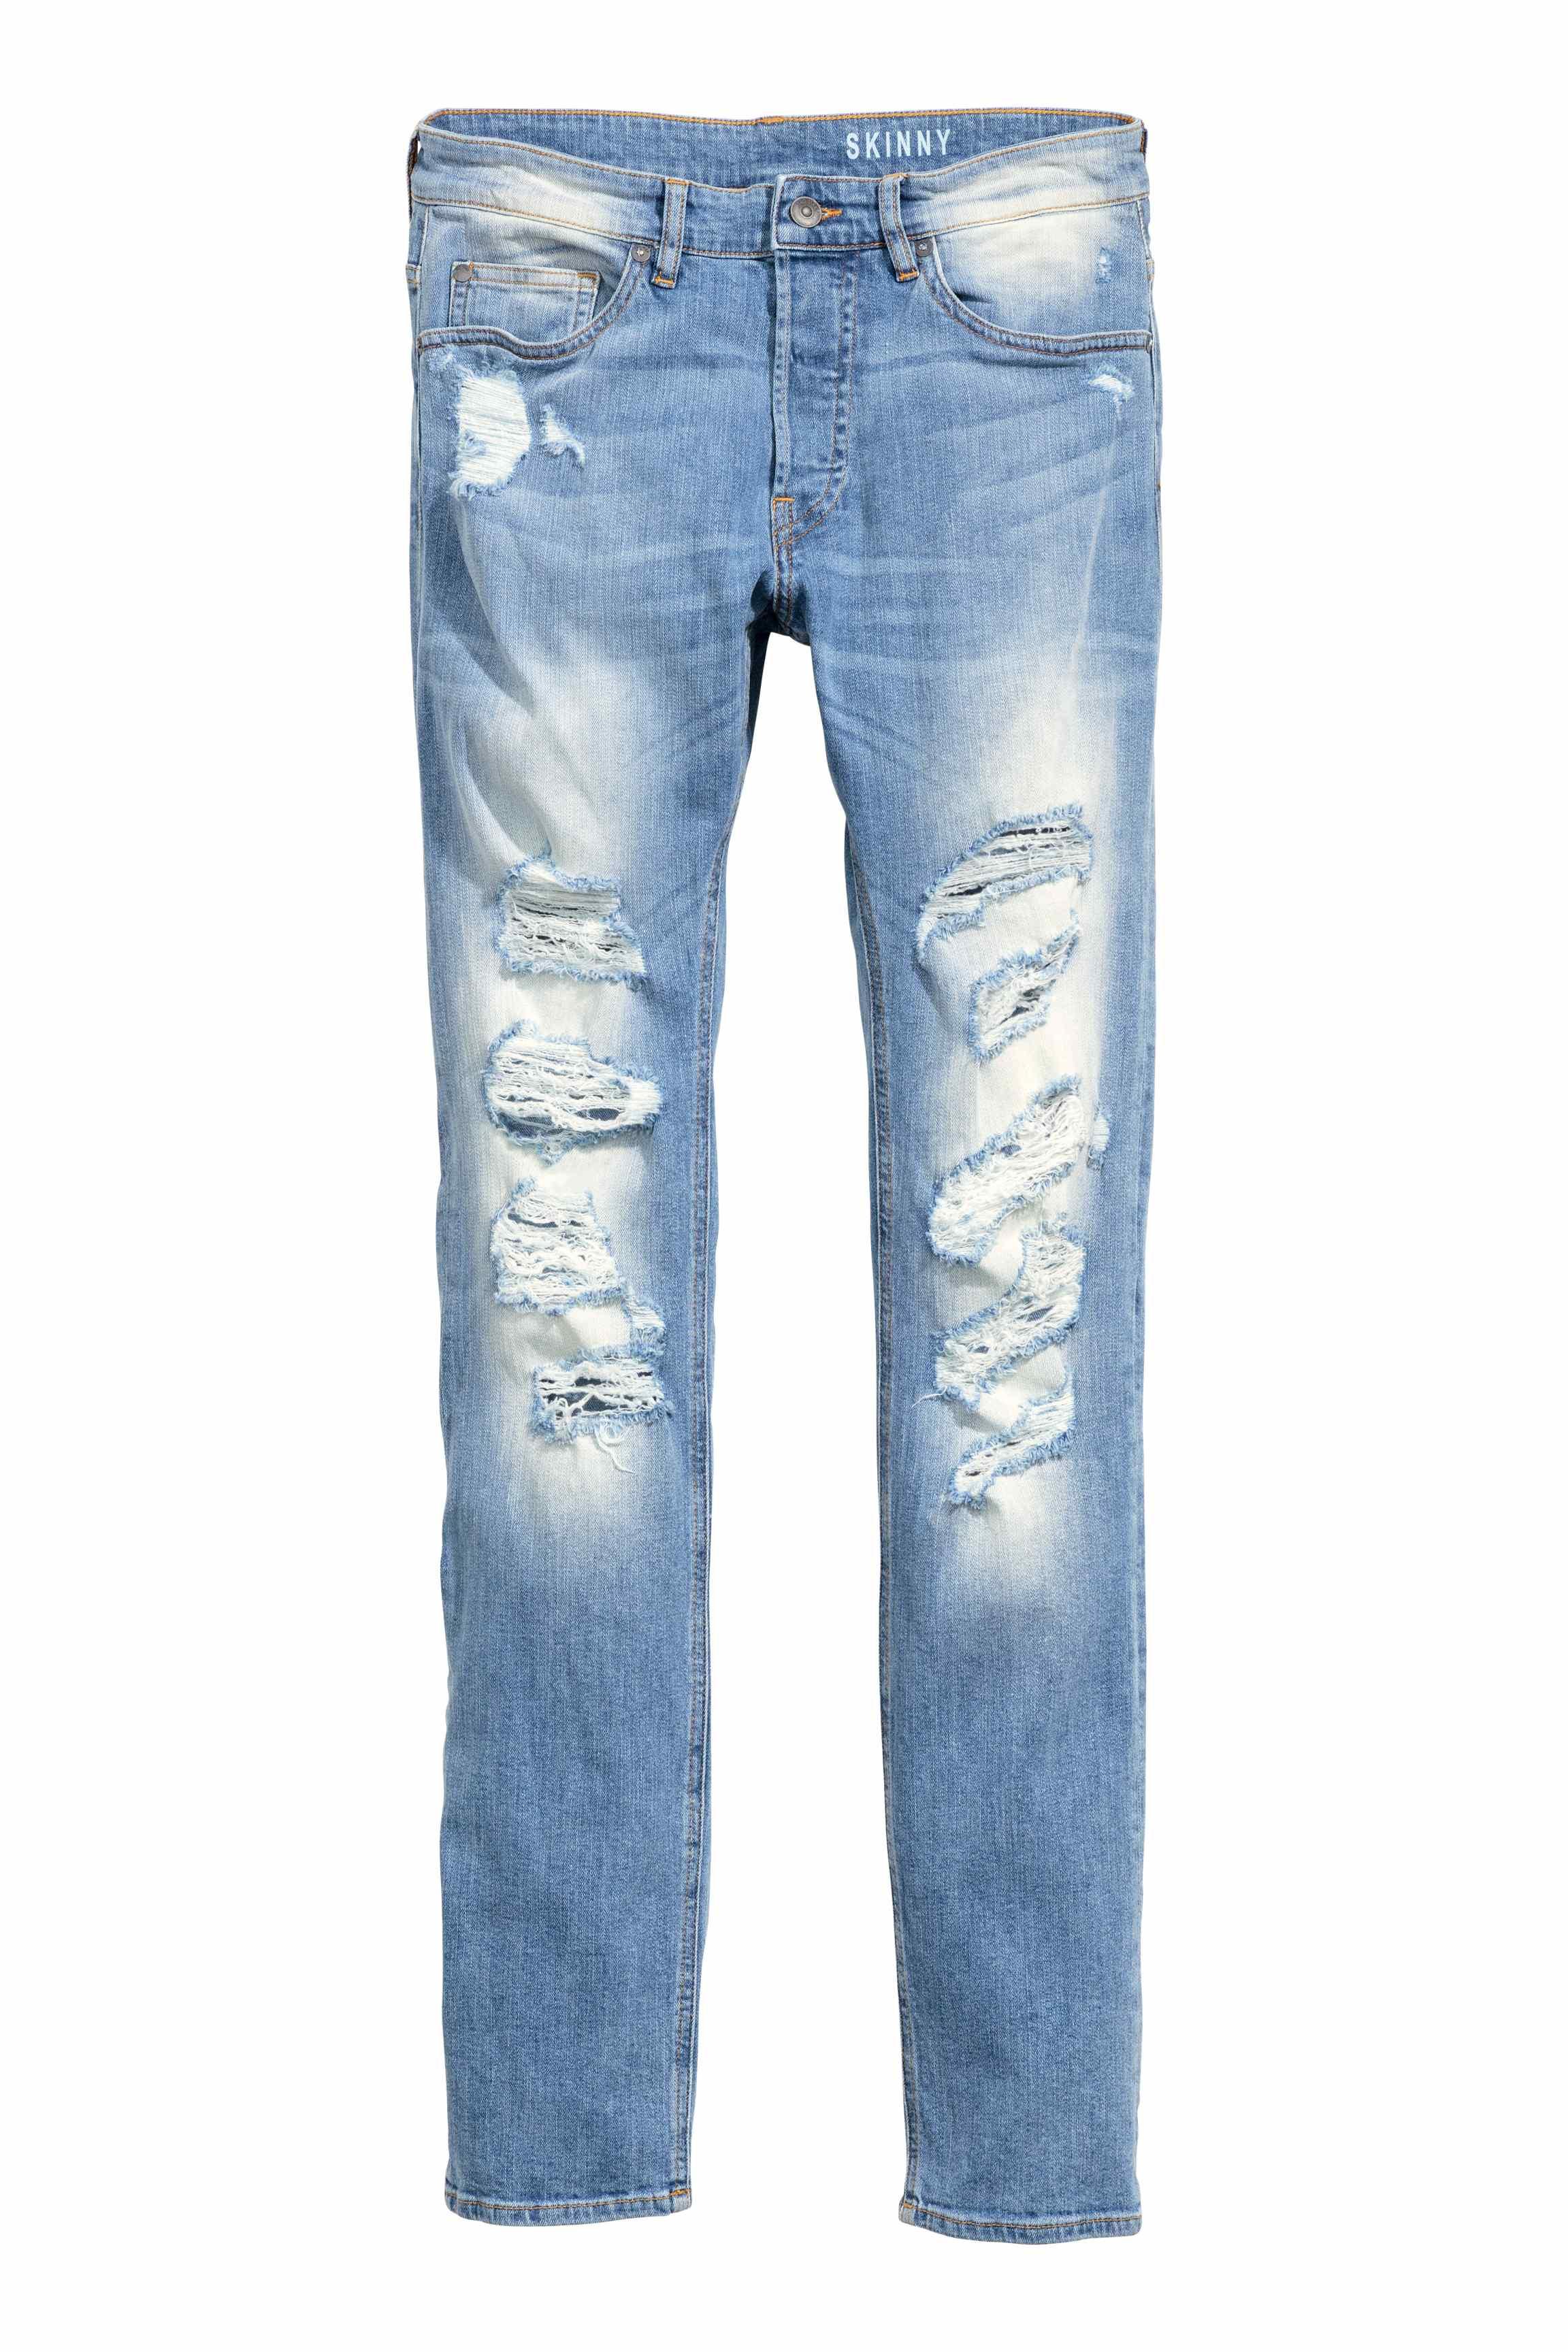 H Amp M Skinny Regular Trashed Jeans In Blue For Men Lyst